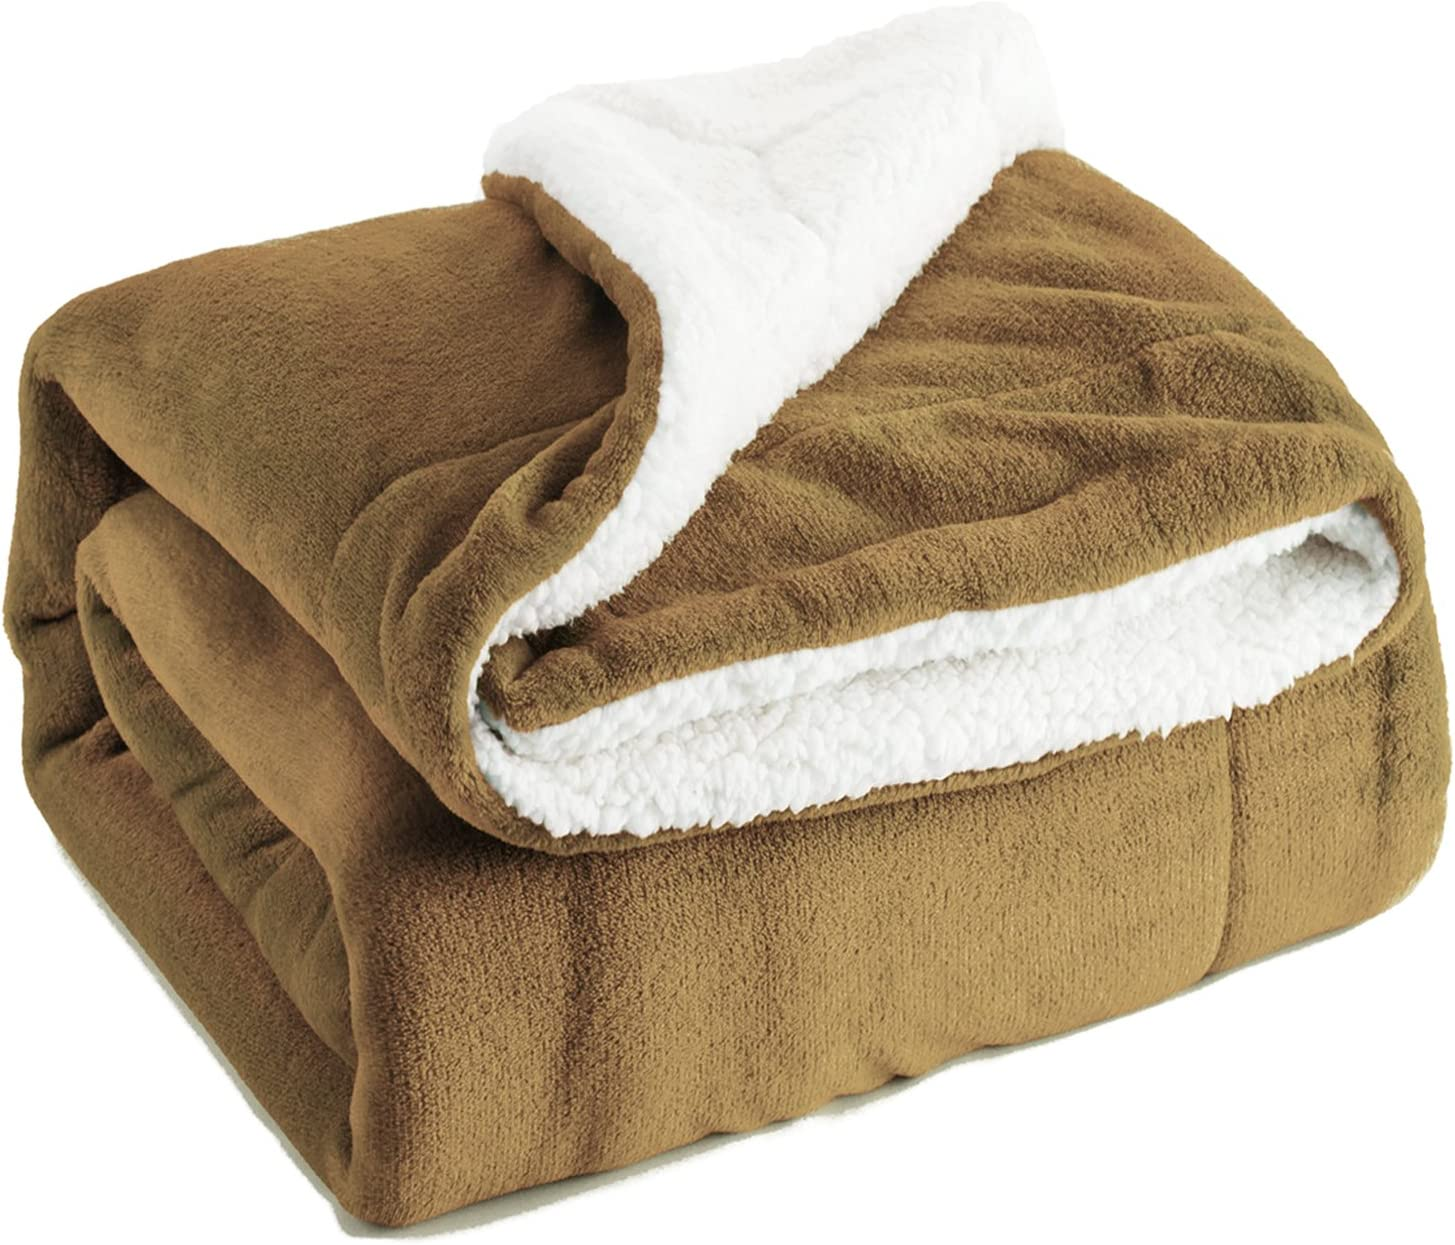 Bedsure Sherpa Fleece Blanket Twin Size Beige Plush Blanket Fuzzy Soft Blanket Microfiber Camel